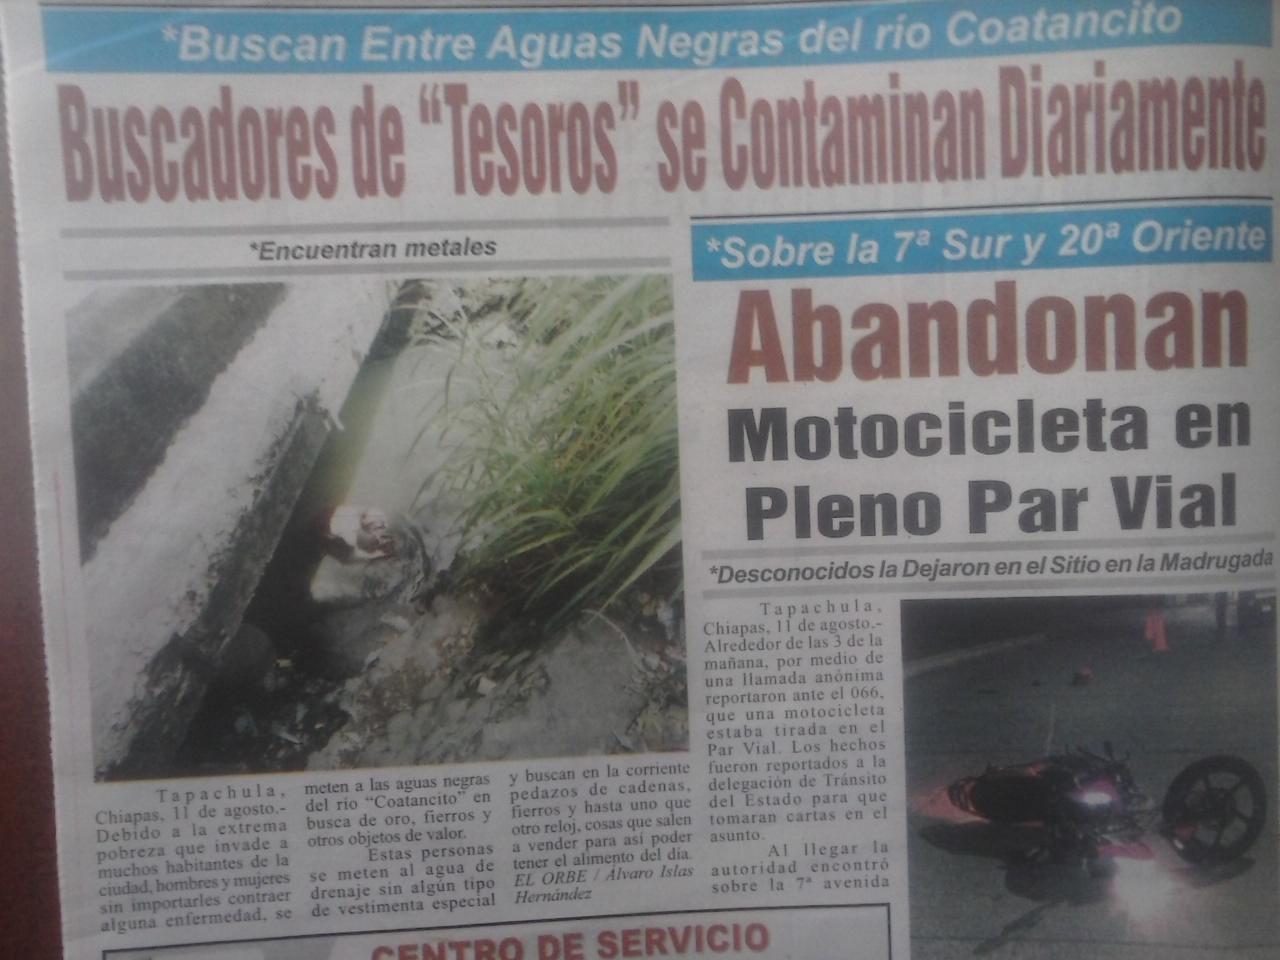 Buscarías sin detector el oro en los drenajes de aguas negras de tu ciudad? 2wdzp14